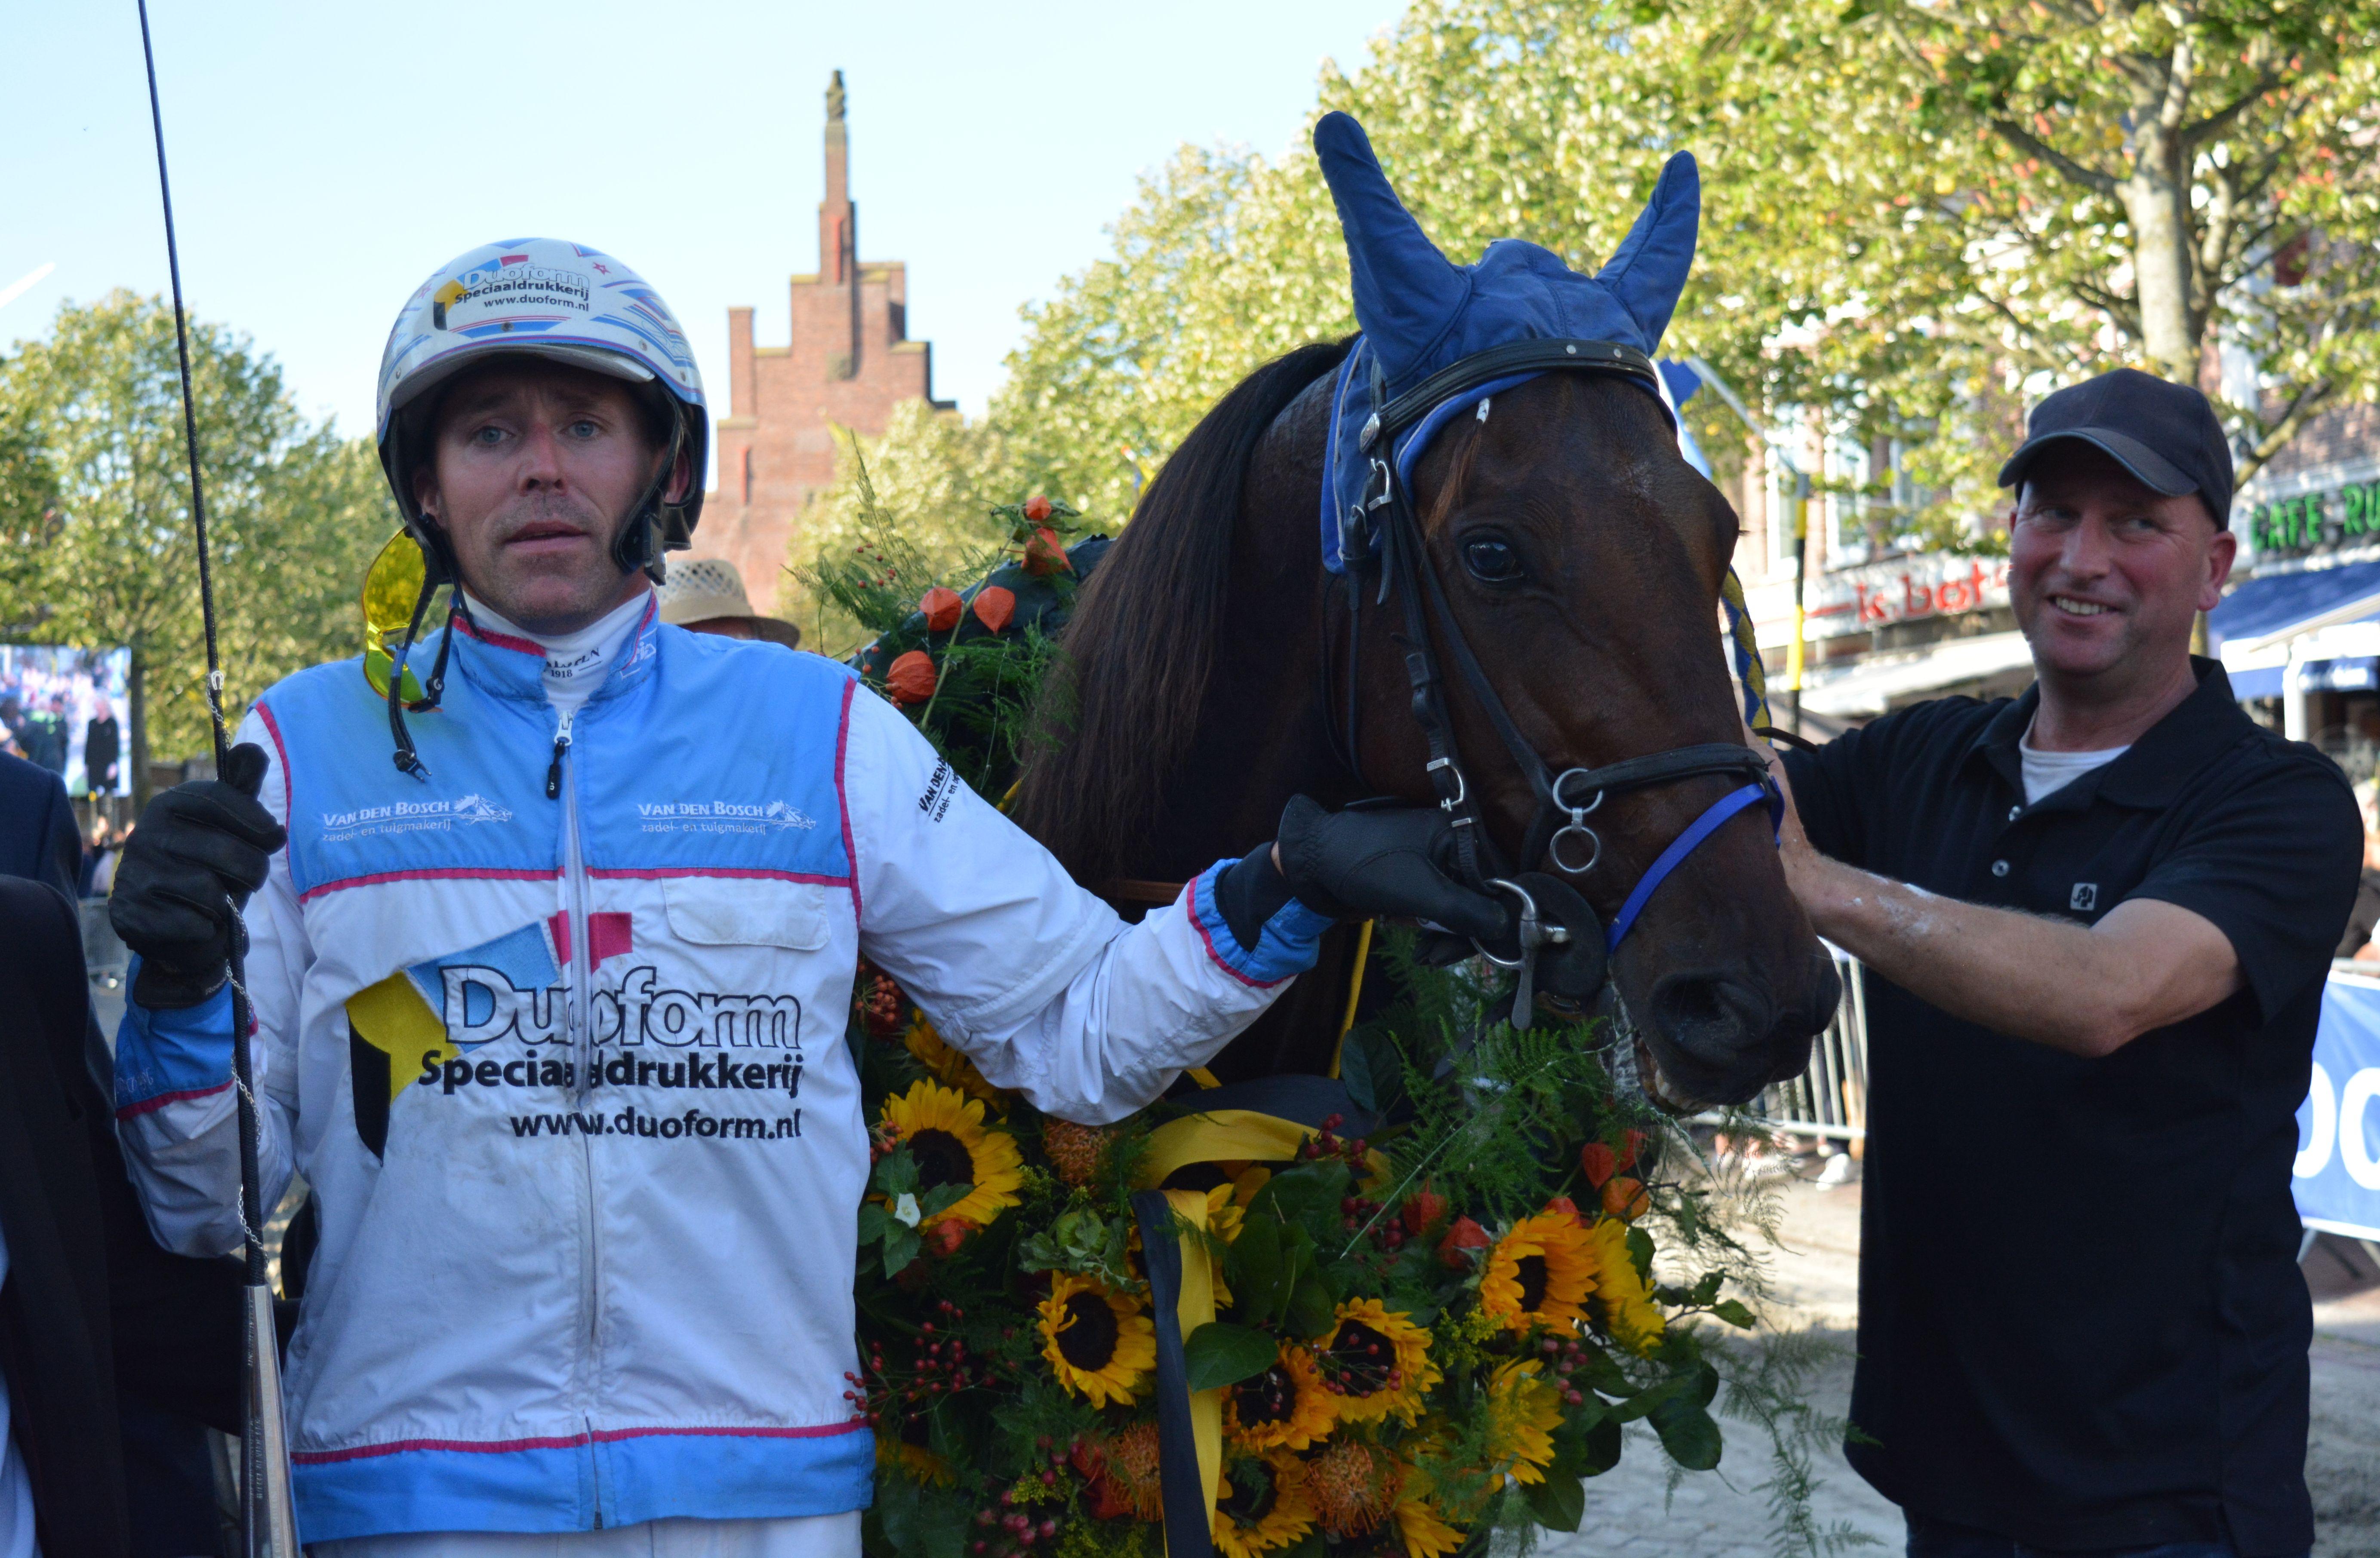 John Dekker en Boucher le Blanc als overwinnaars van de draverij van Medemblik. (Foto: aangeleverd)